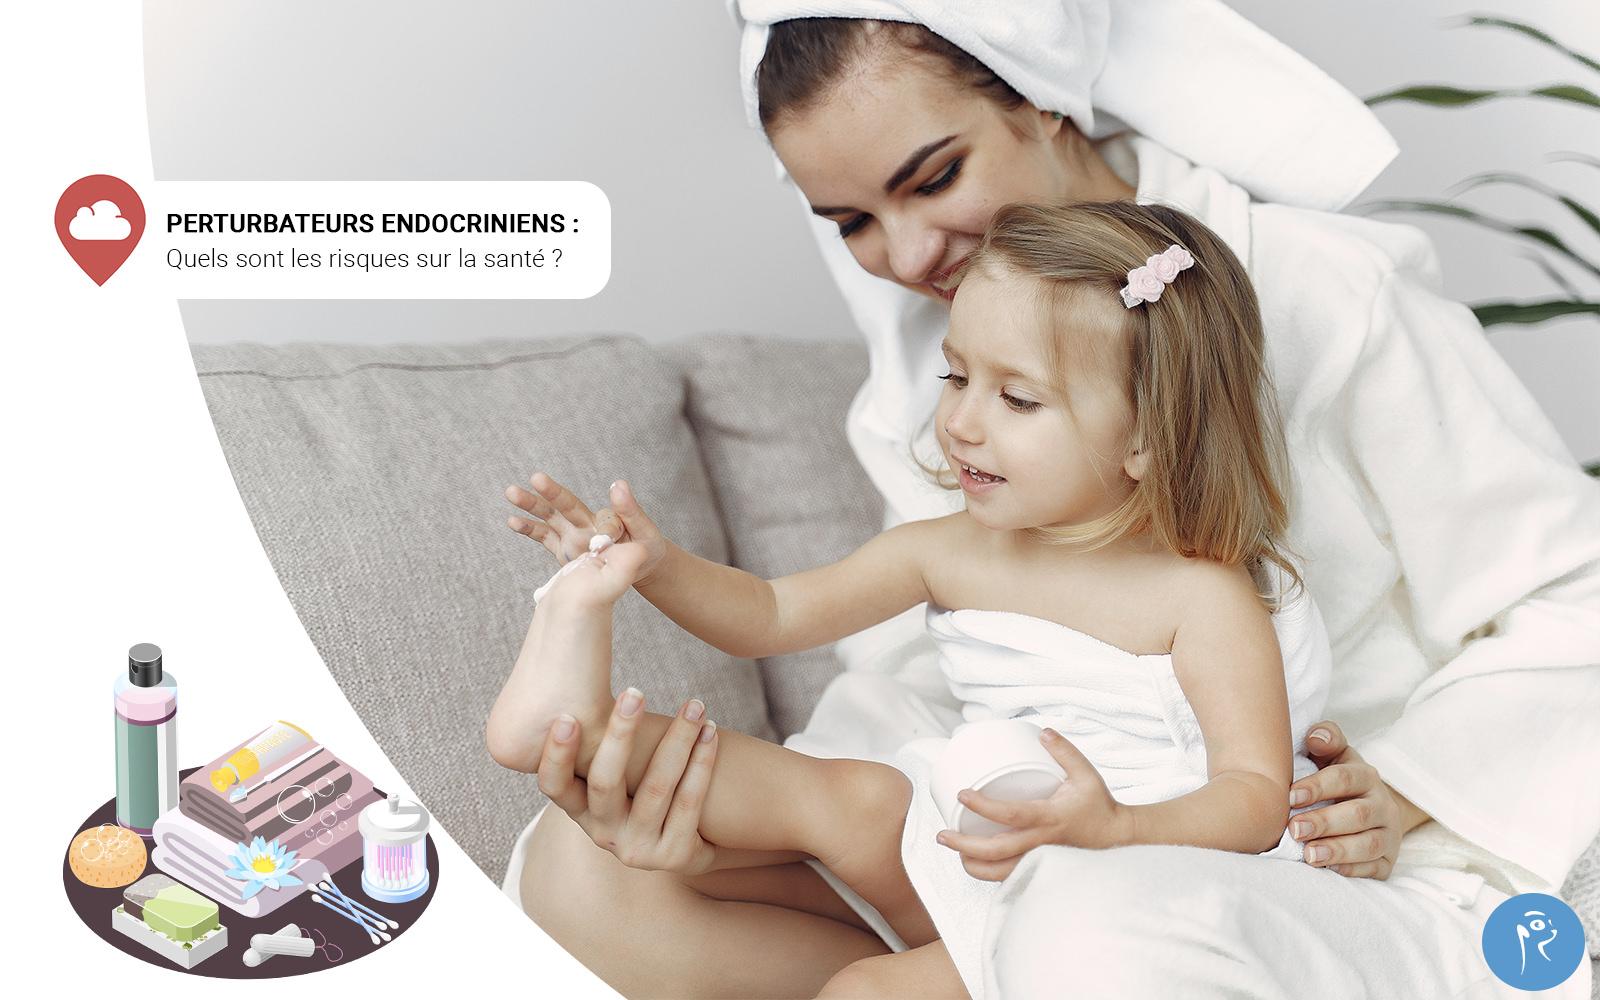 Les perturbateurs endocriniens dans son environnement proche: quelles sont les risques pour la santé?